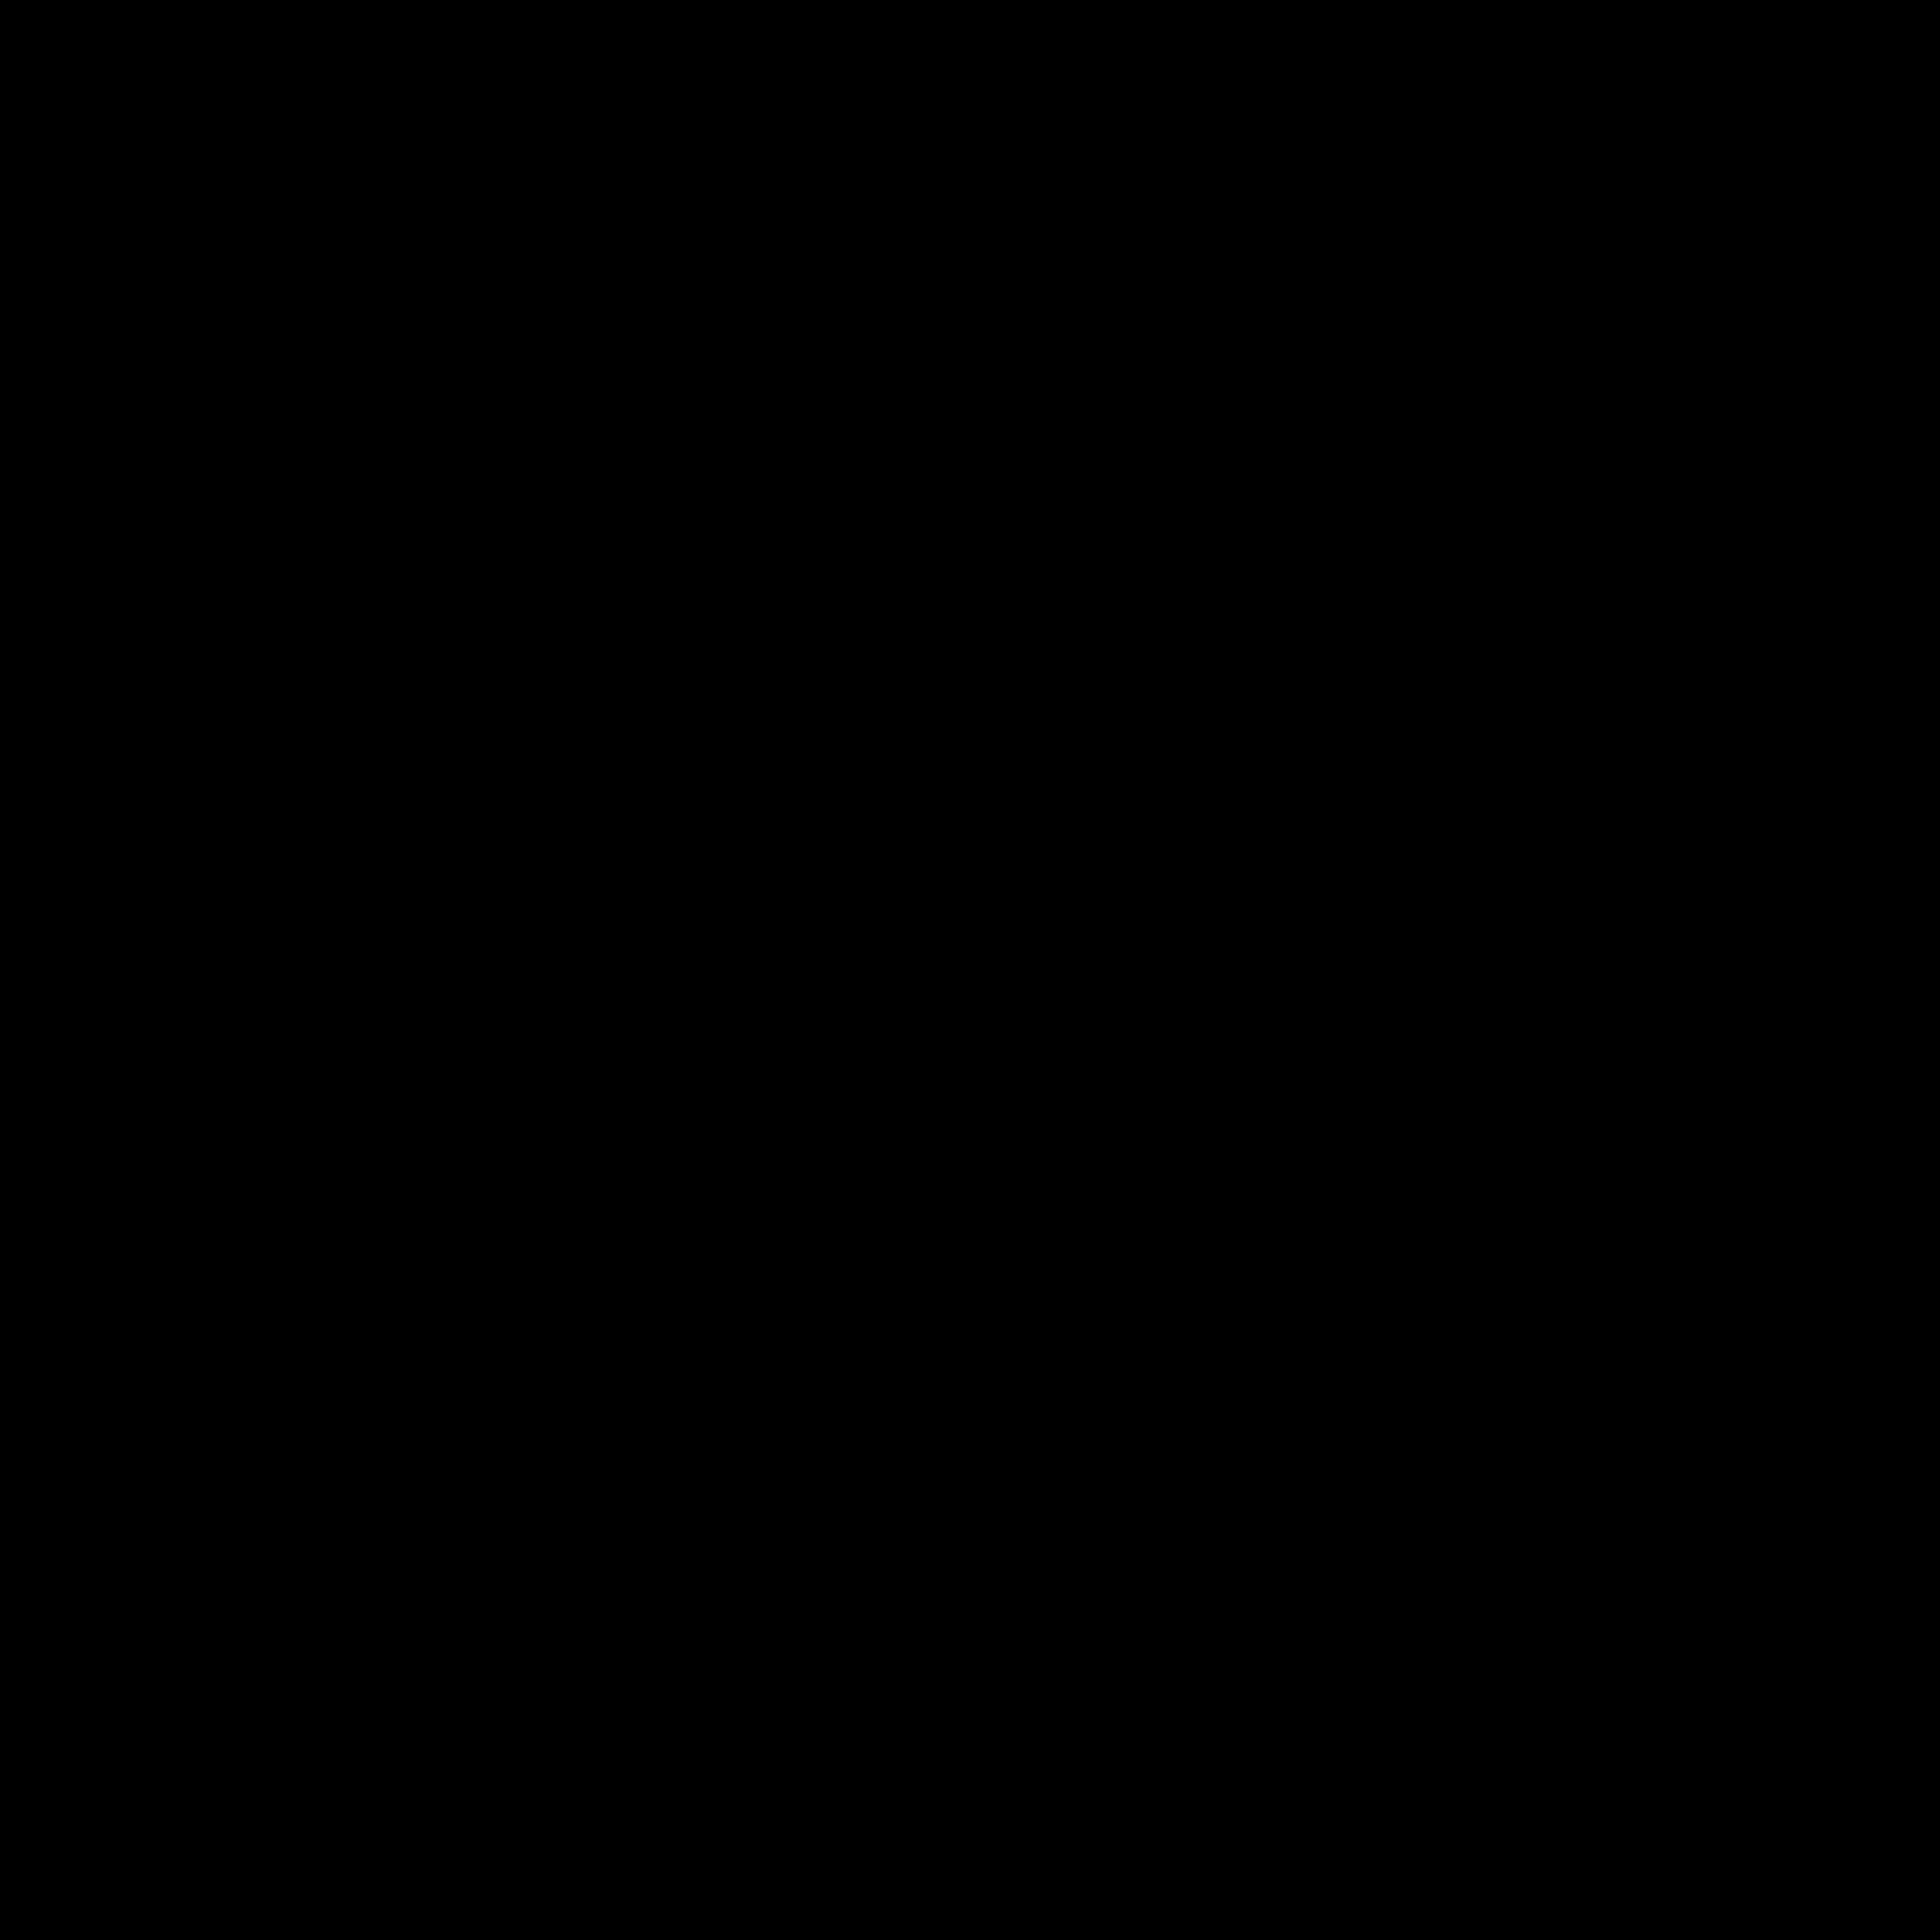 dc logo 0 - DC Shoes Logo